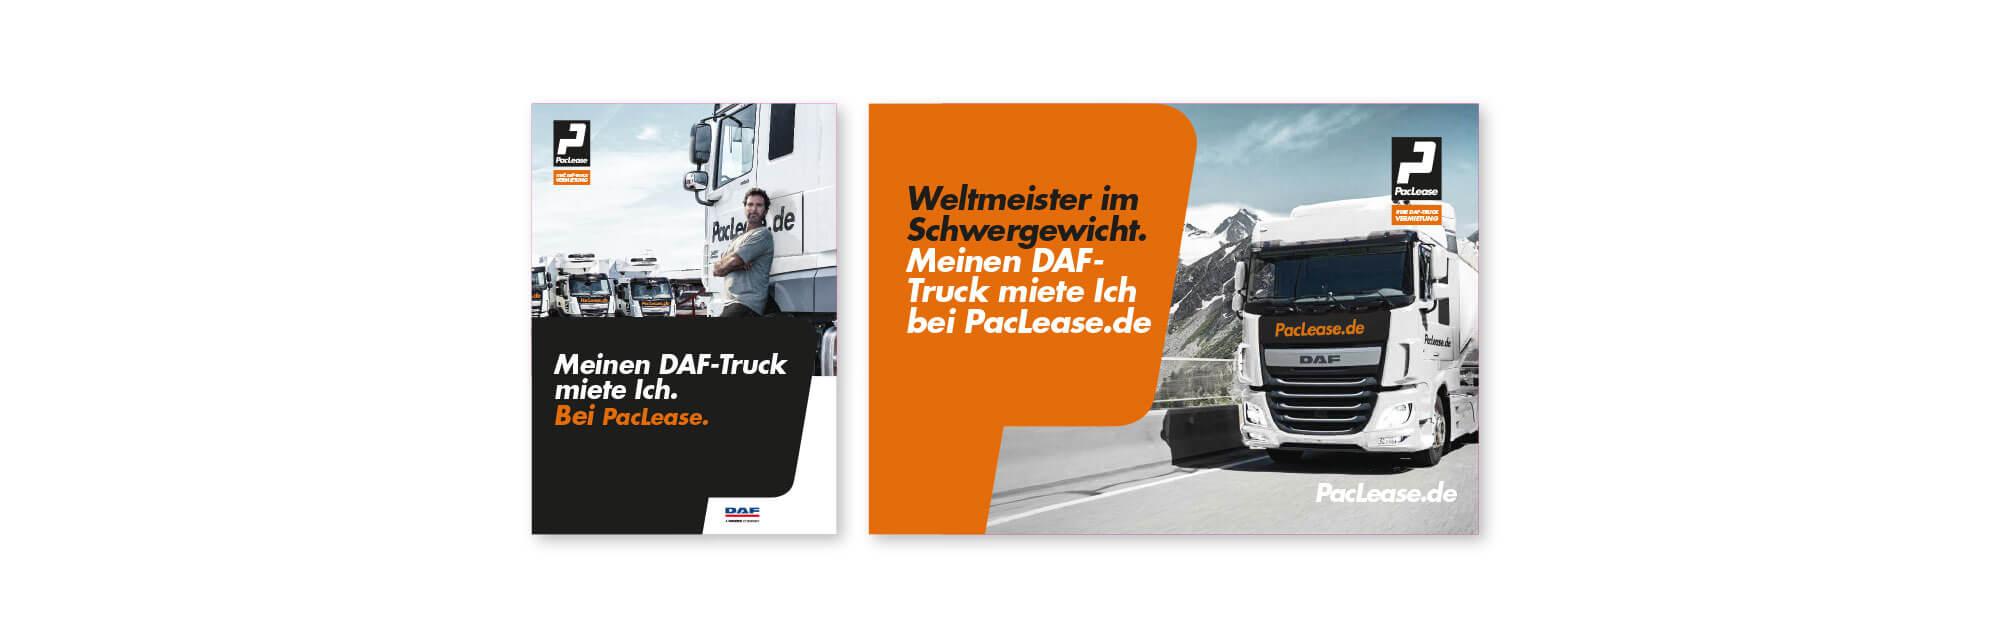 360VIER_Paclease_Slider_Keyvisual_Design_03 Paccar Leasing Deutschland GmbH